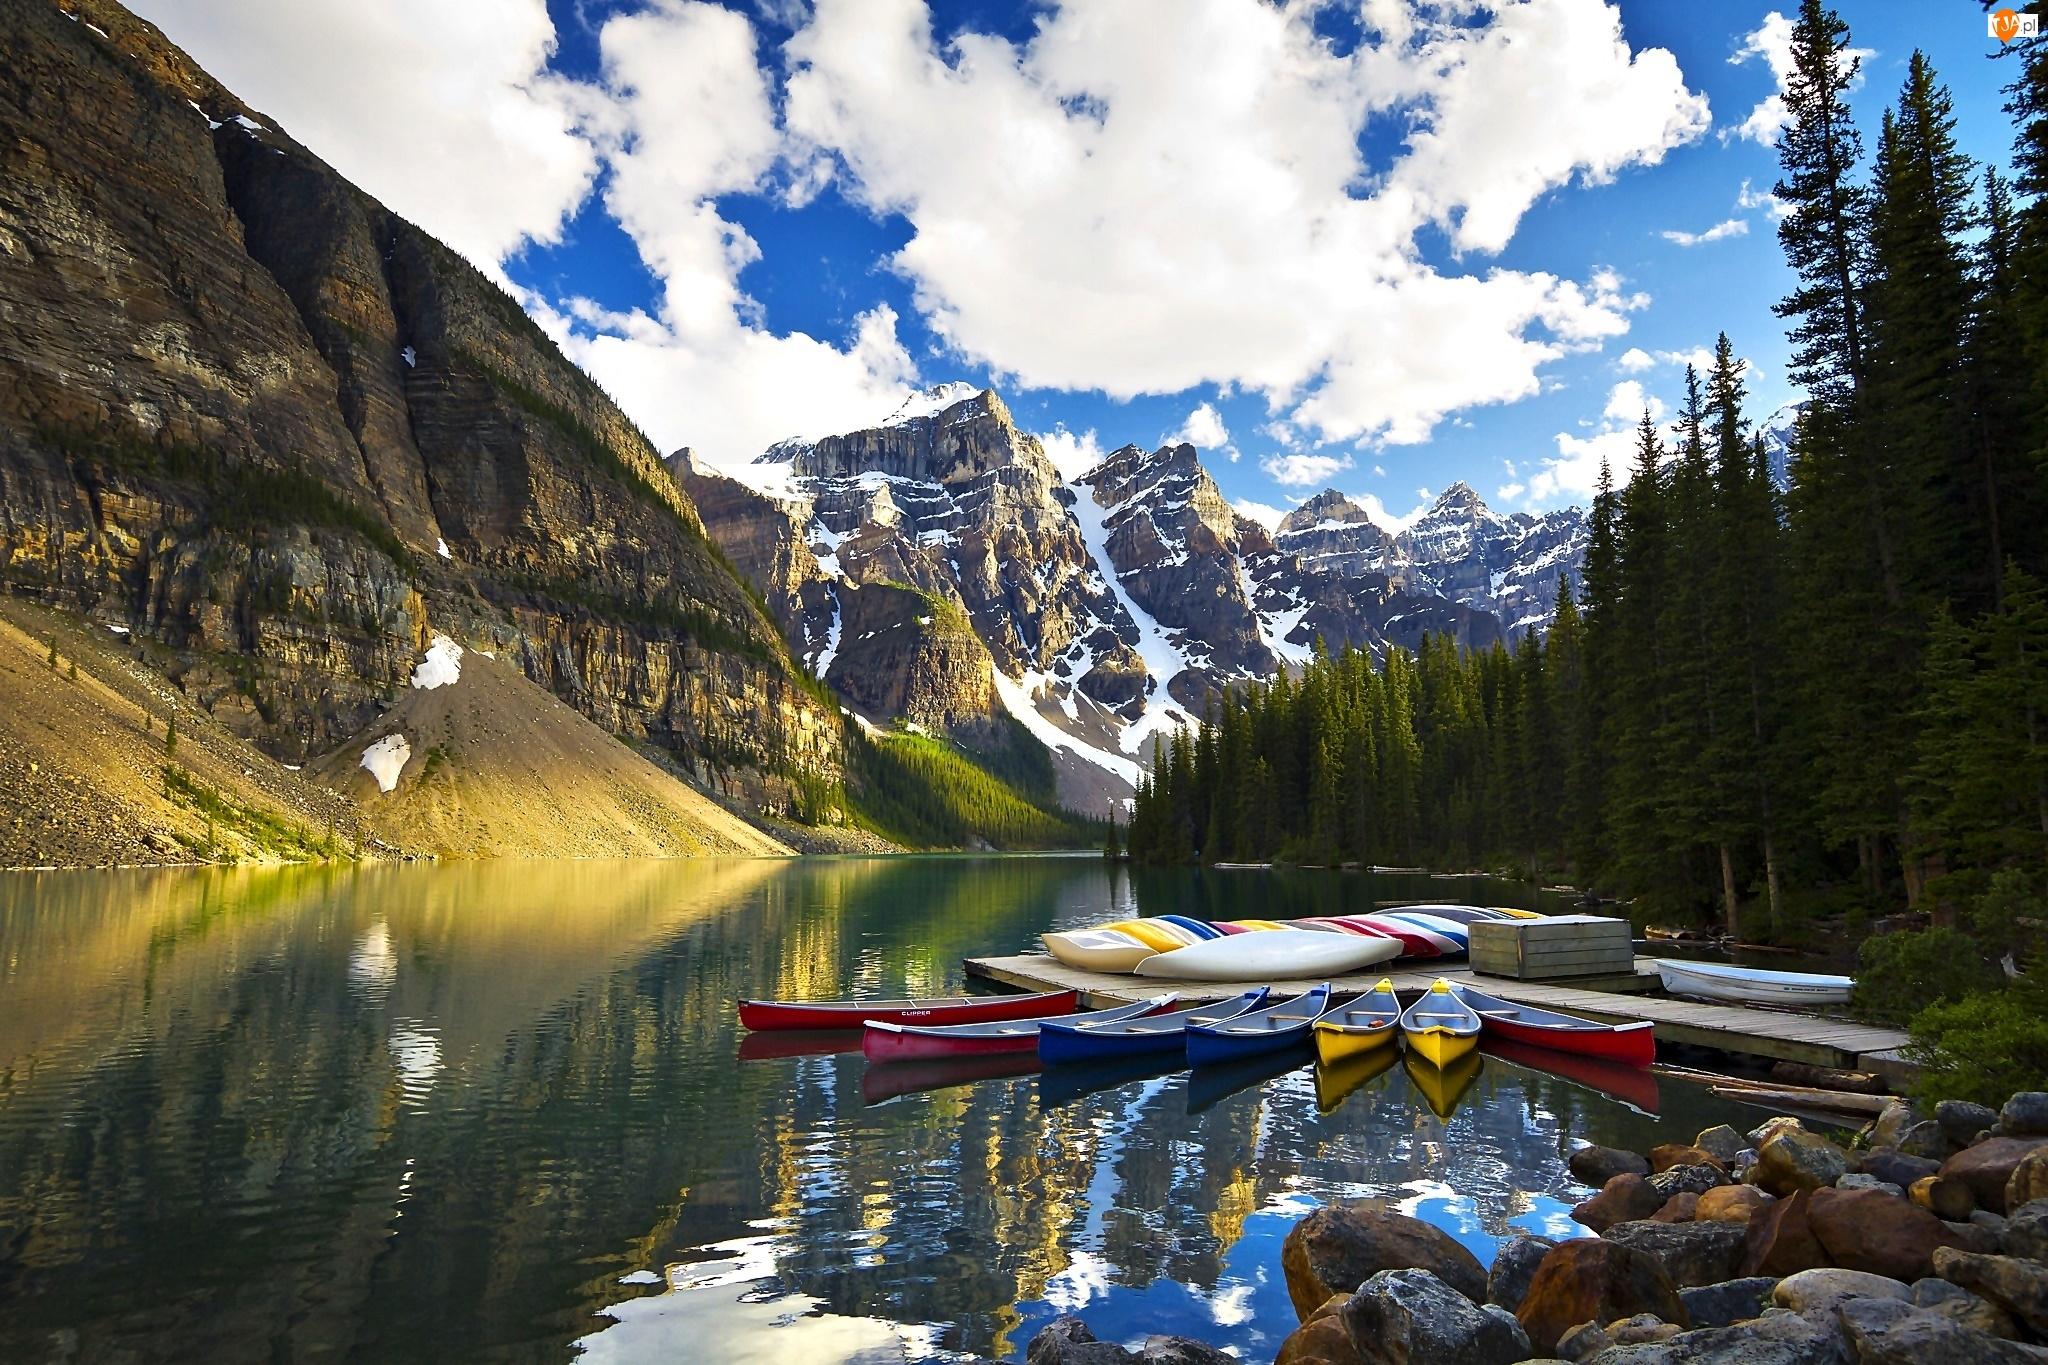 Park Narodowy Banff, Dolina Dziesięciu Szczytów - Valley of the Ten Peaks, Kanada, Łódki, Prowincja Alberta, Jezioro Moraine